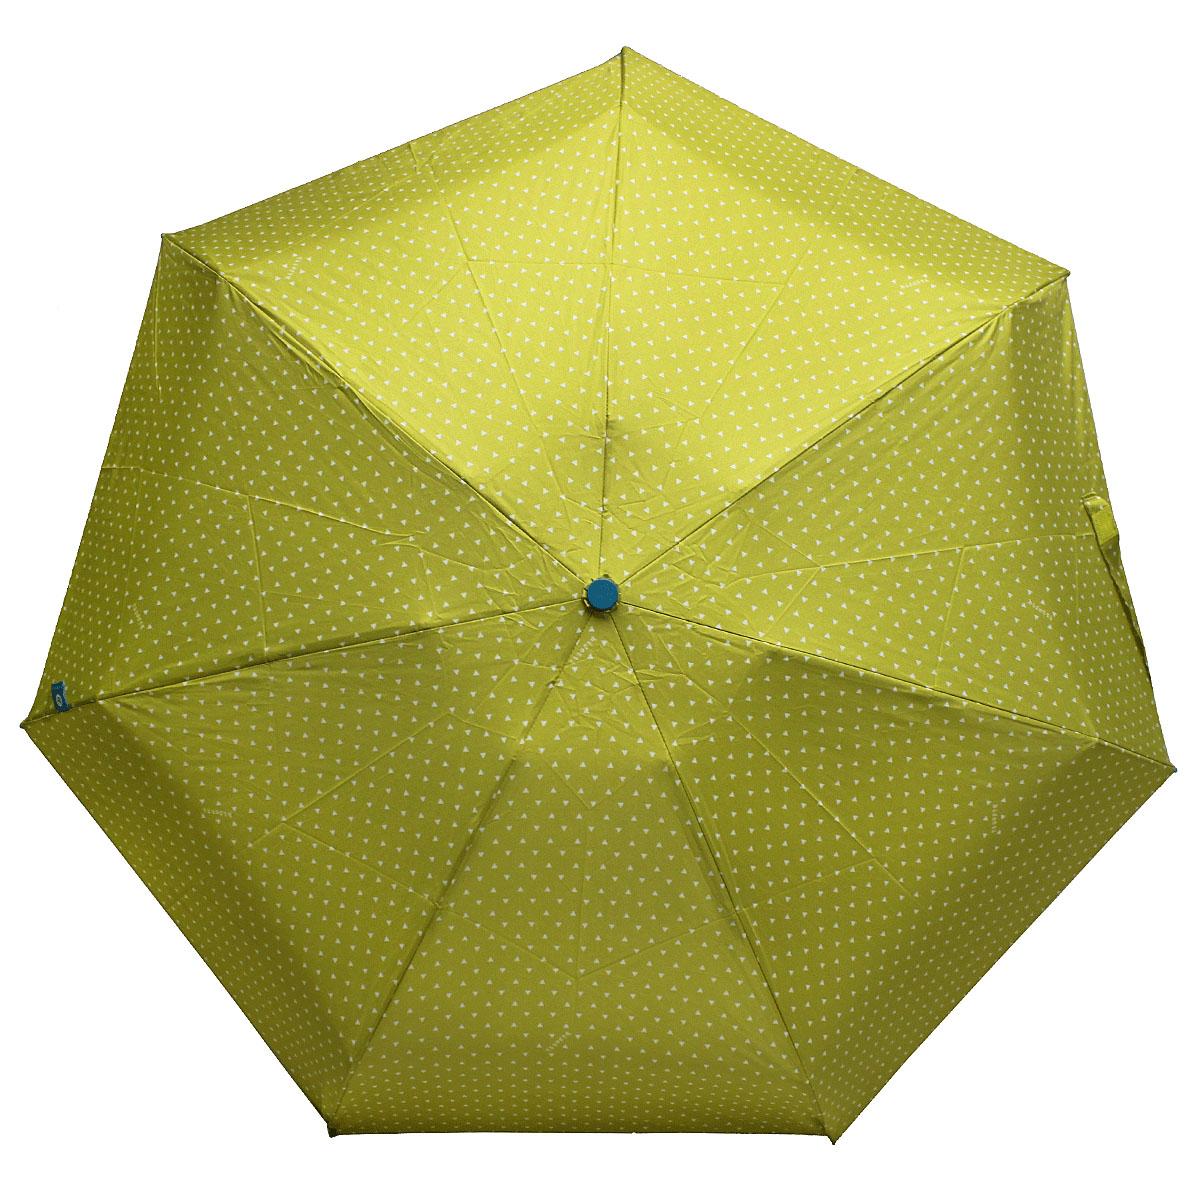 Зонт женский Bisetti, цвет: желтый. 3598-23598-2Стильный зонт автомат испанского производителя Bisetti даже в ненастную погоду позволит вам оставаться элегантной. В производстве зонтов Bisetti используются современные материалы, что делает зонты легкими, но в то же время крепкими. Каркас зонта включает 7 спиц. Стержень изготовлен из стали, купол выполнен из прочного полиэстера. Зонт является механическим: купол открывается и закрывается вручную до характерного щелчка.